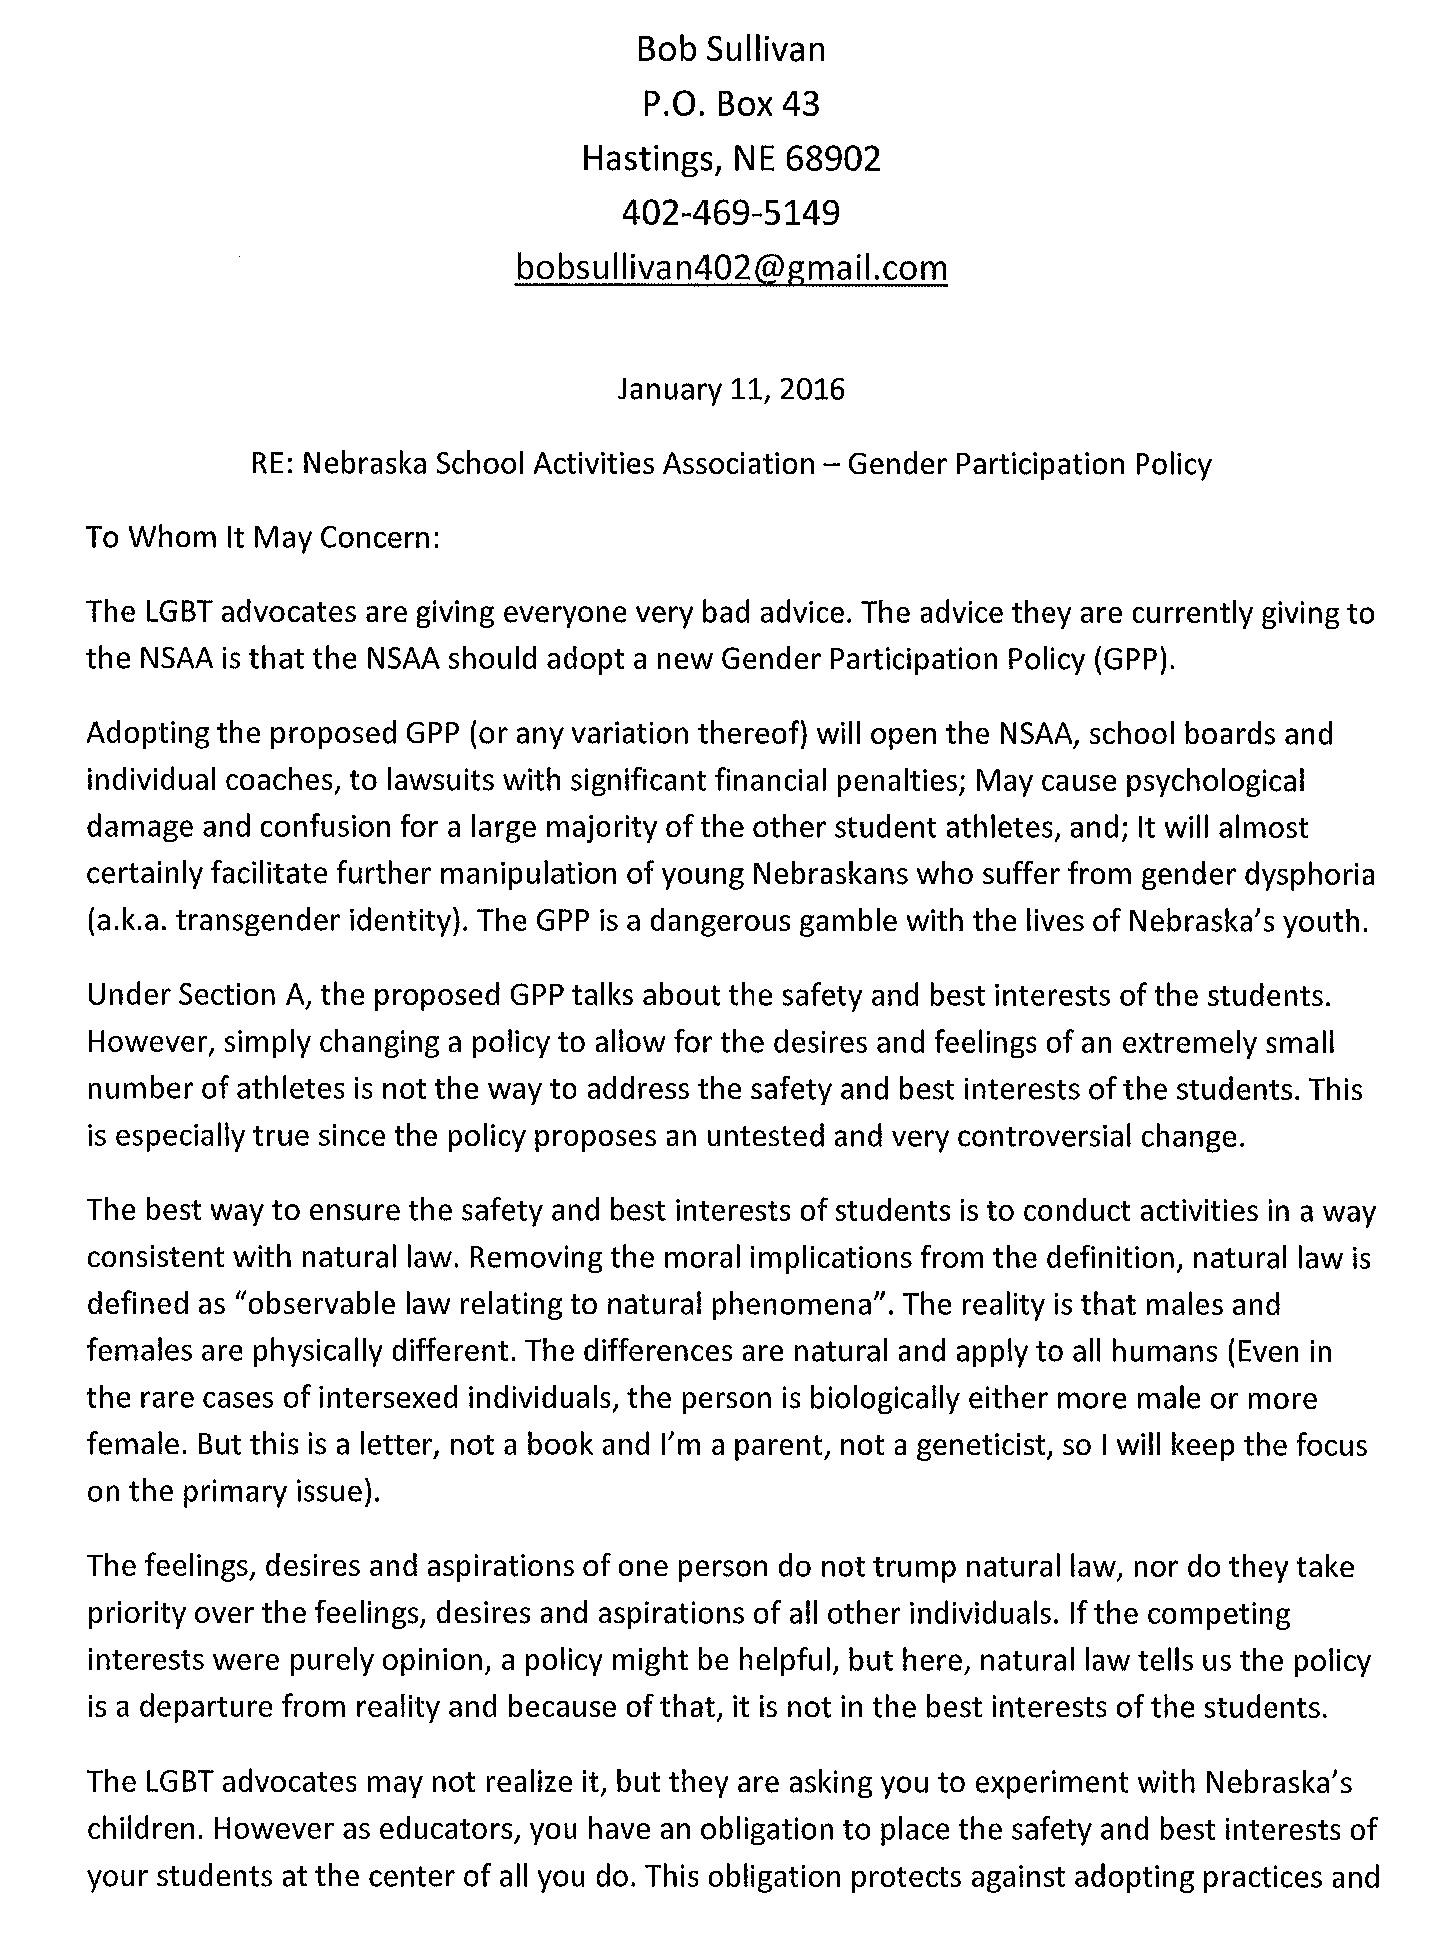 NSAA Letter 1